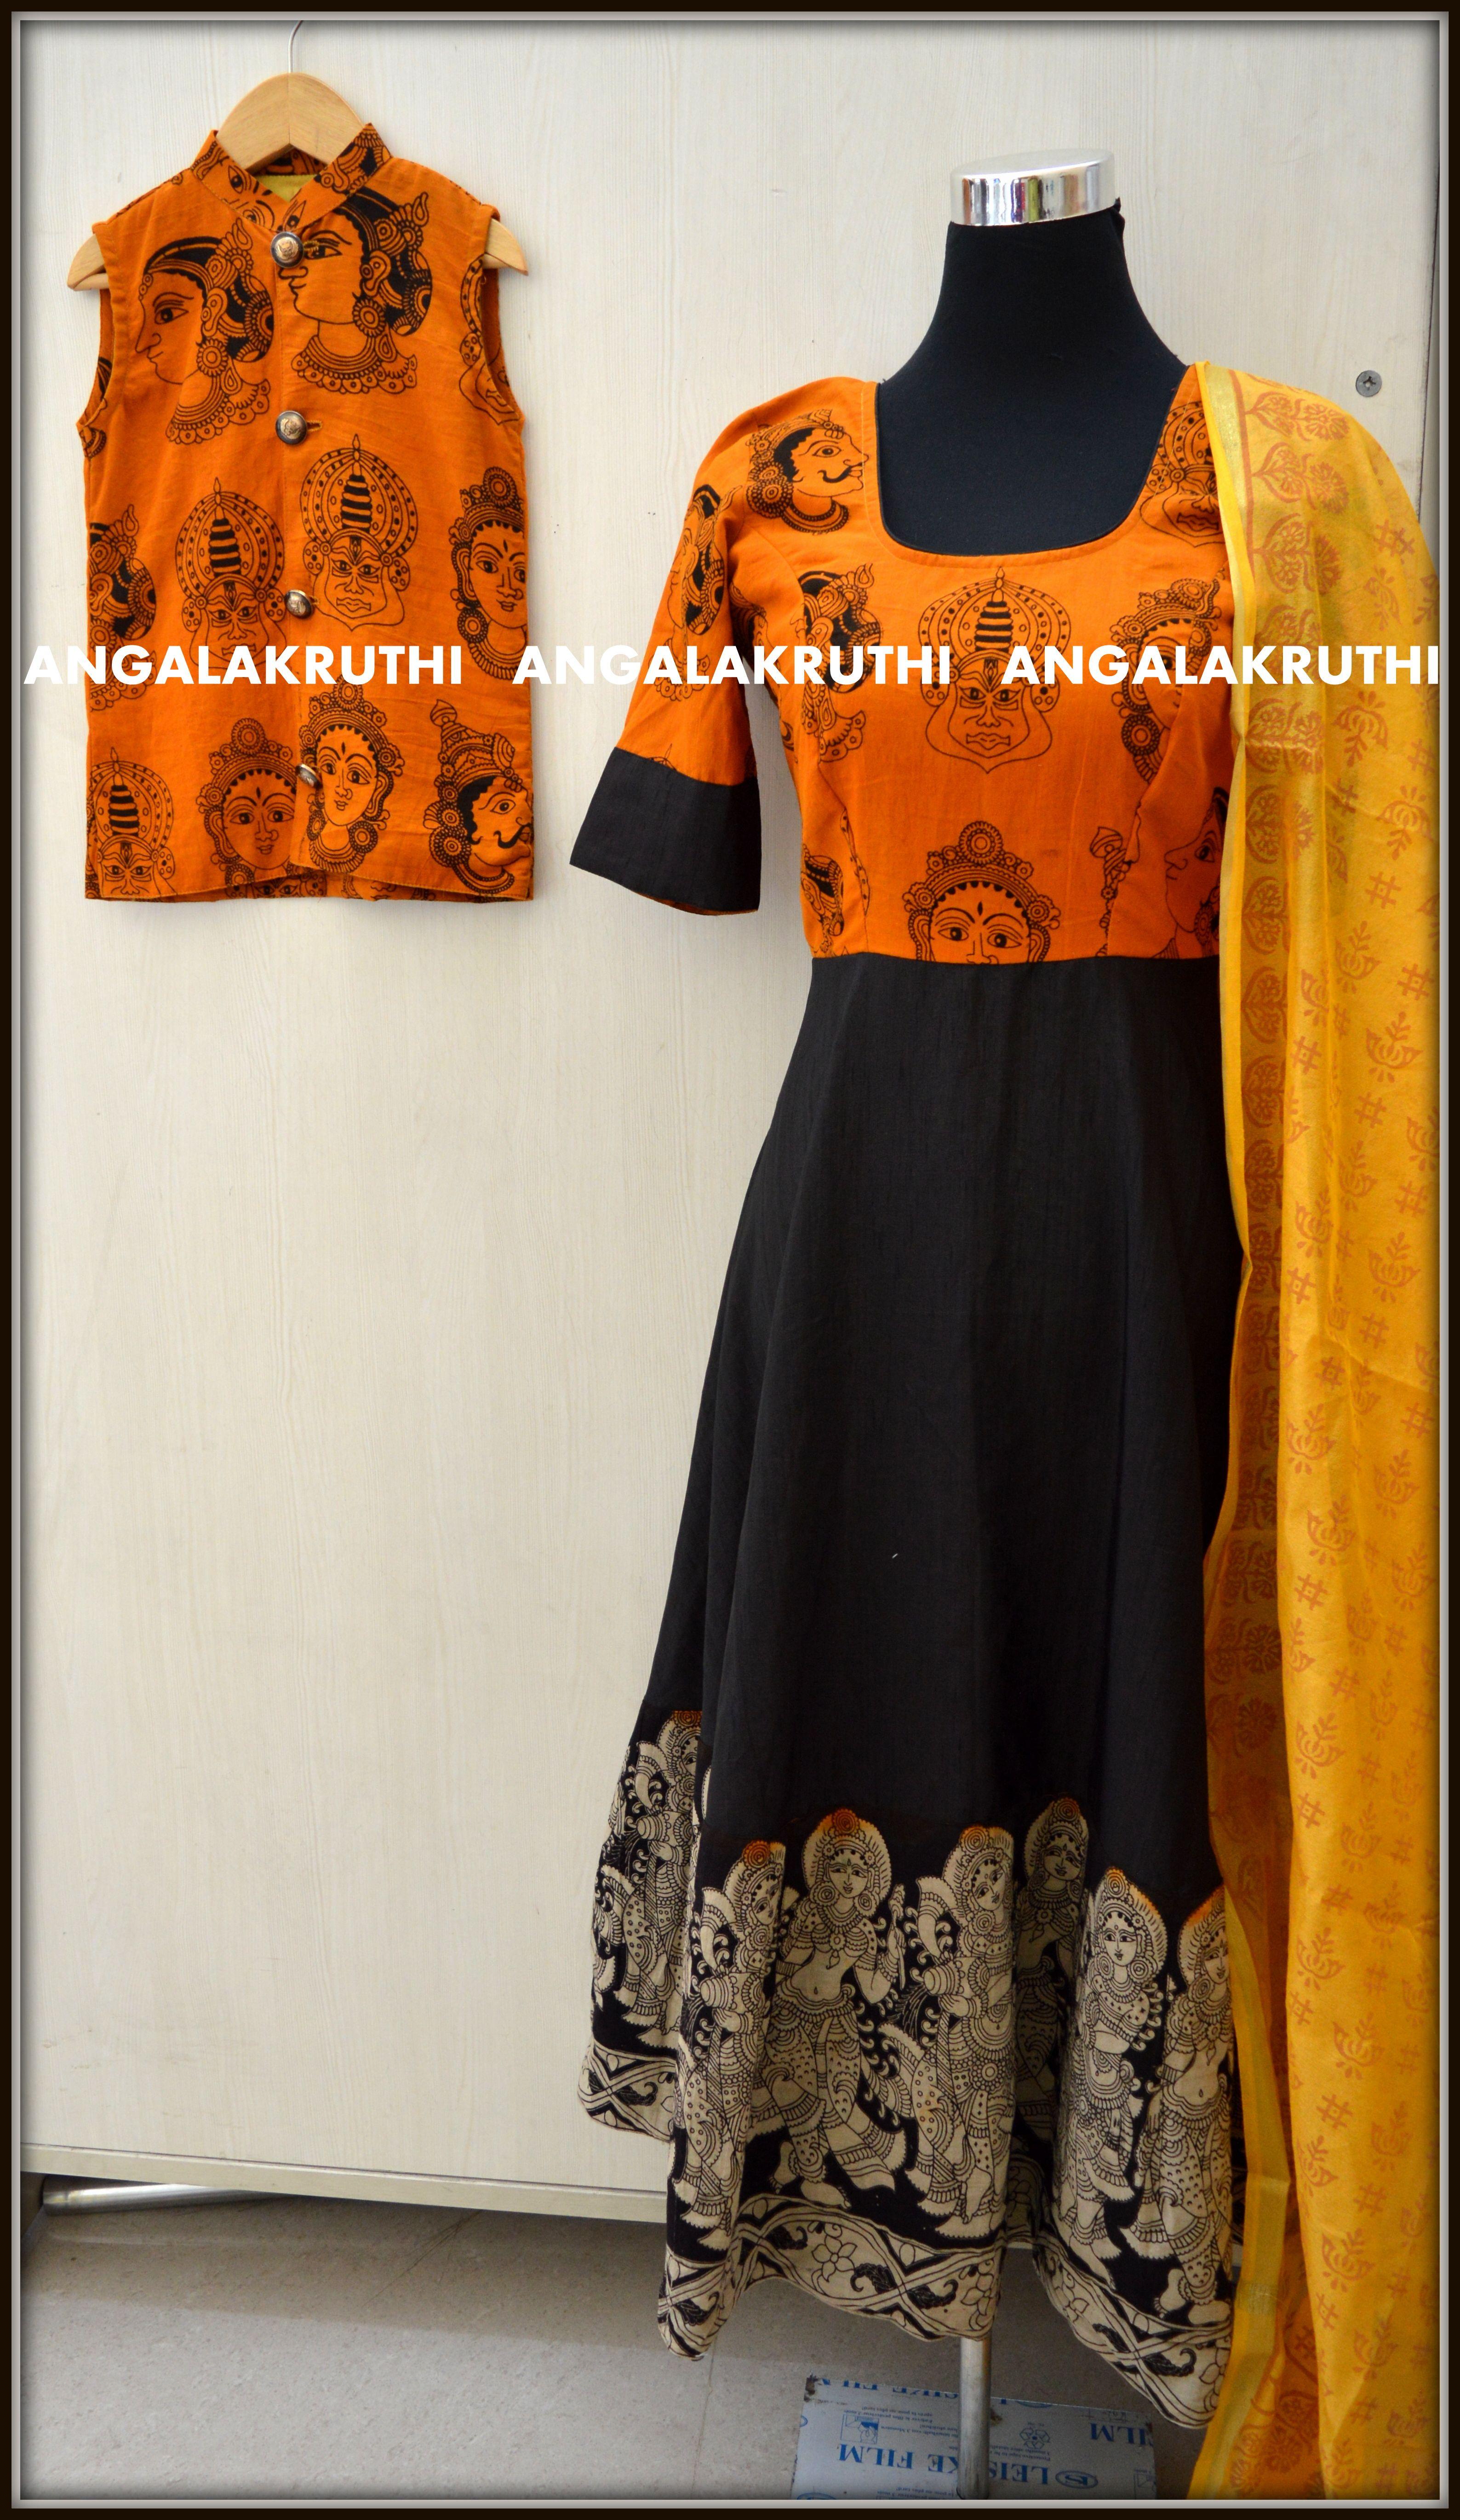 kalamkari designs in bangalore dating